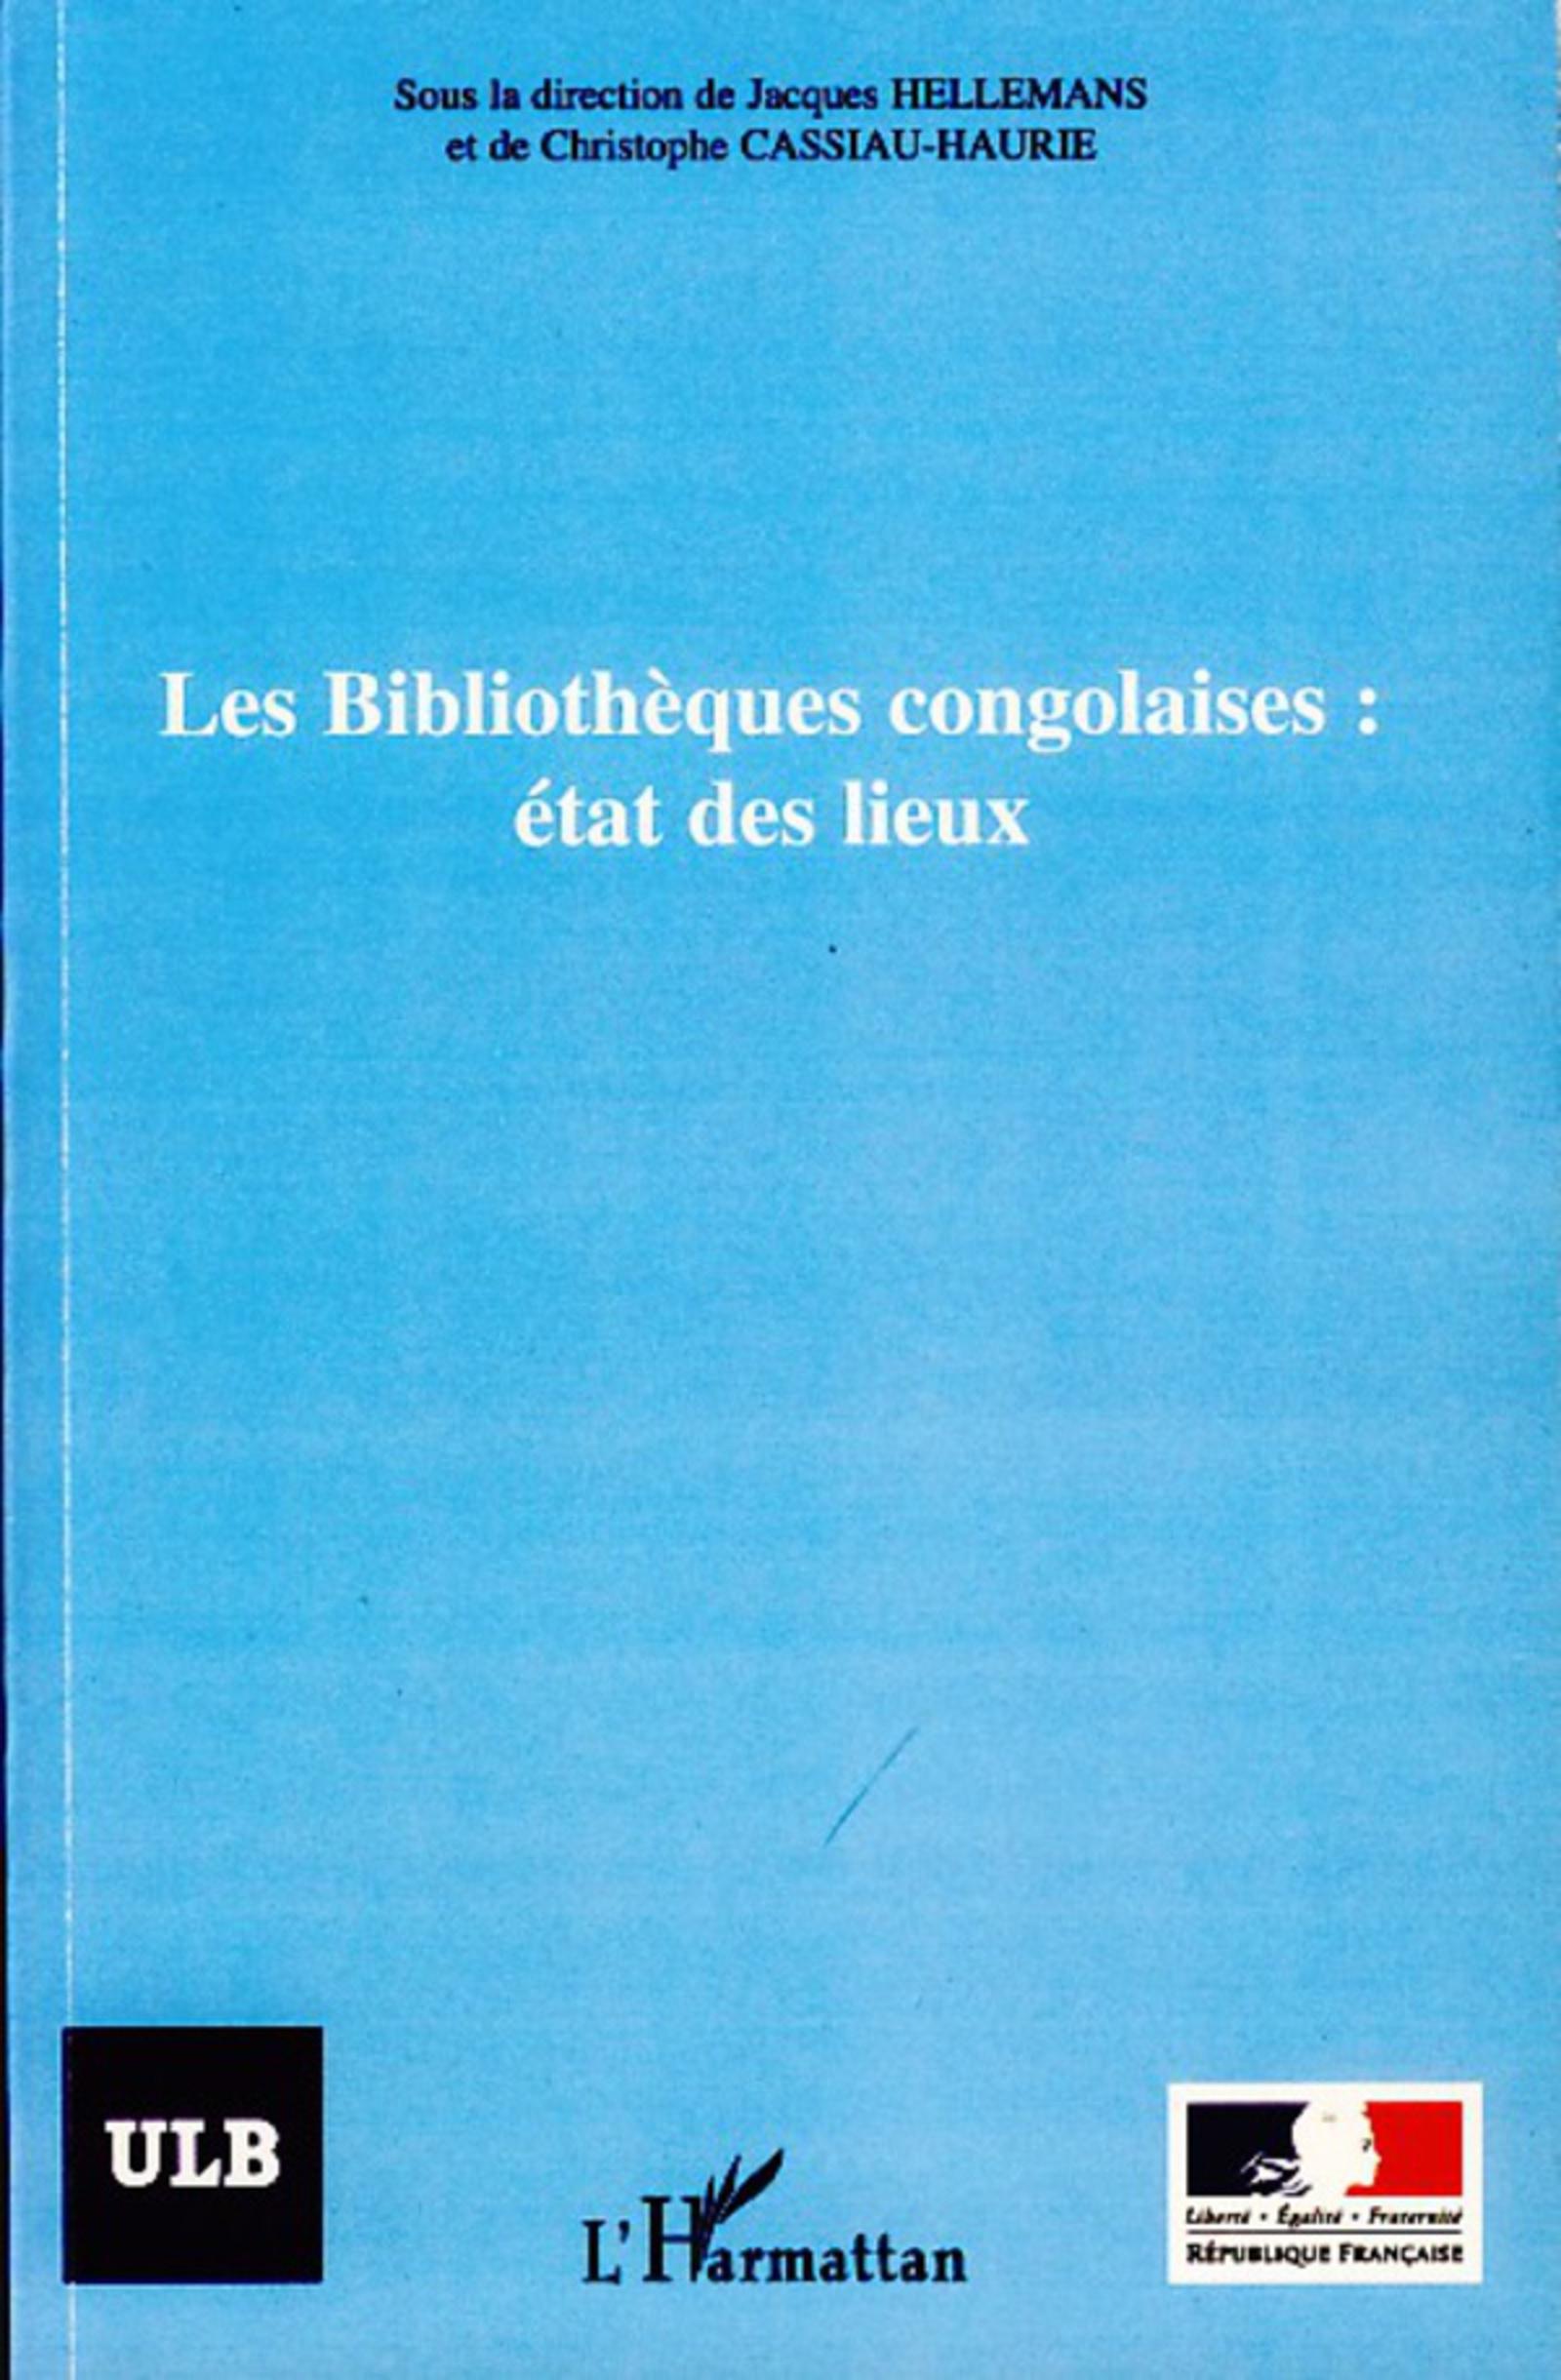 Les bibliothèques congolaises : état des lieux (French Edition)